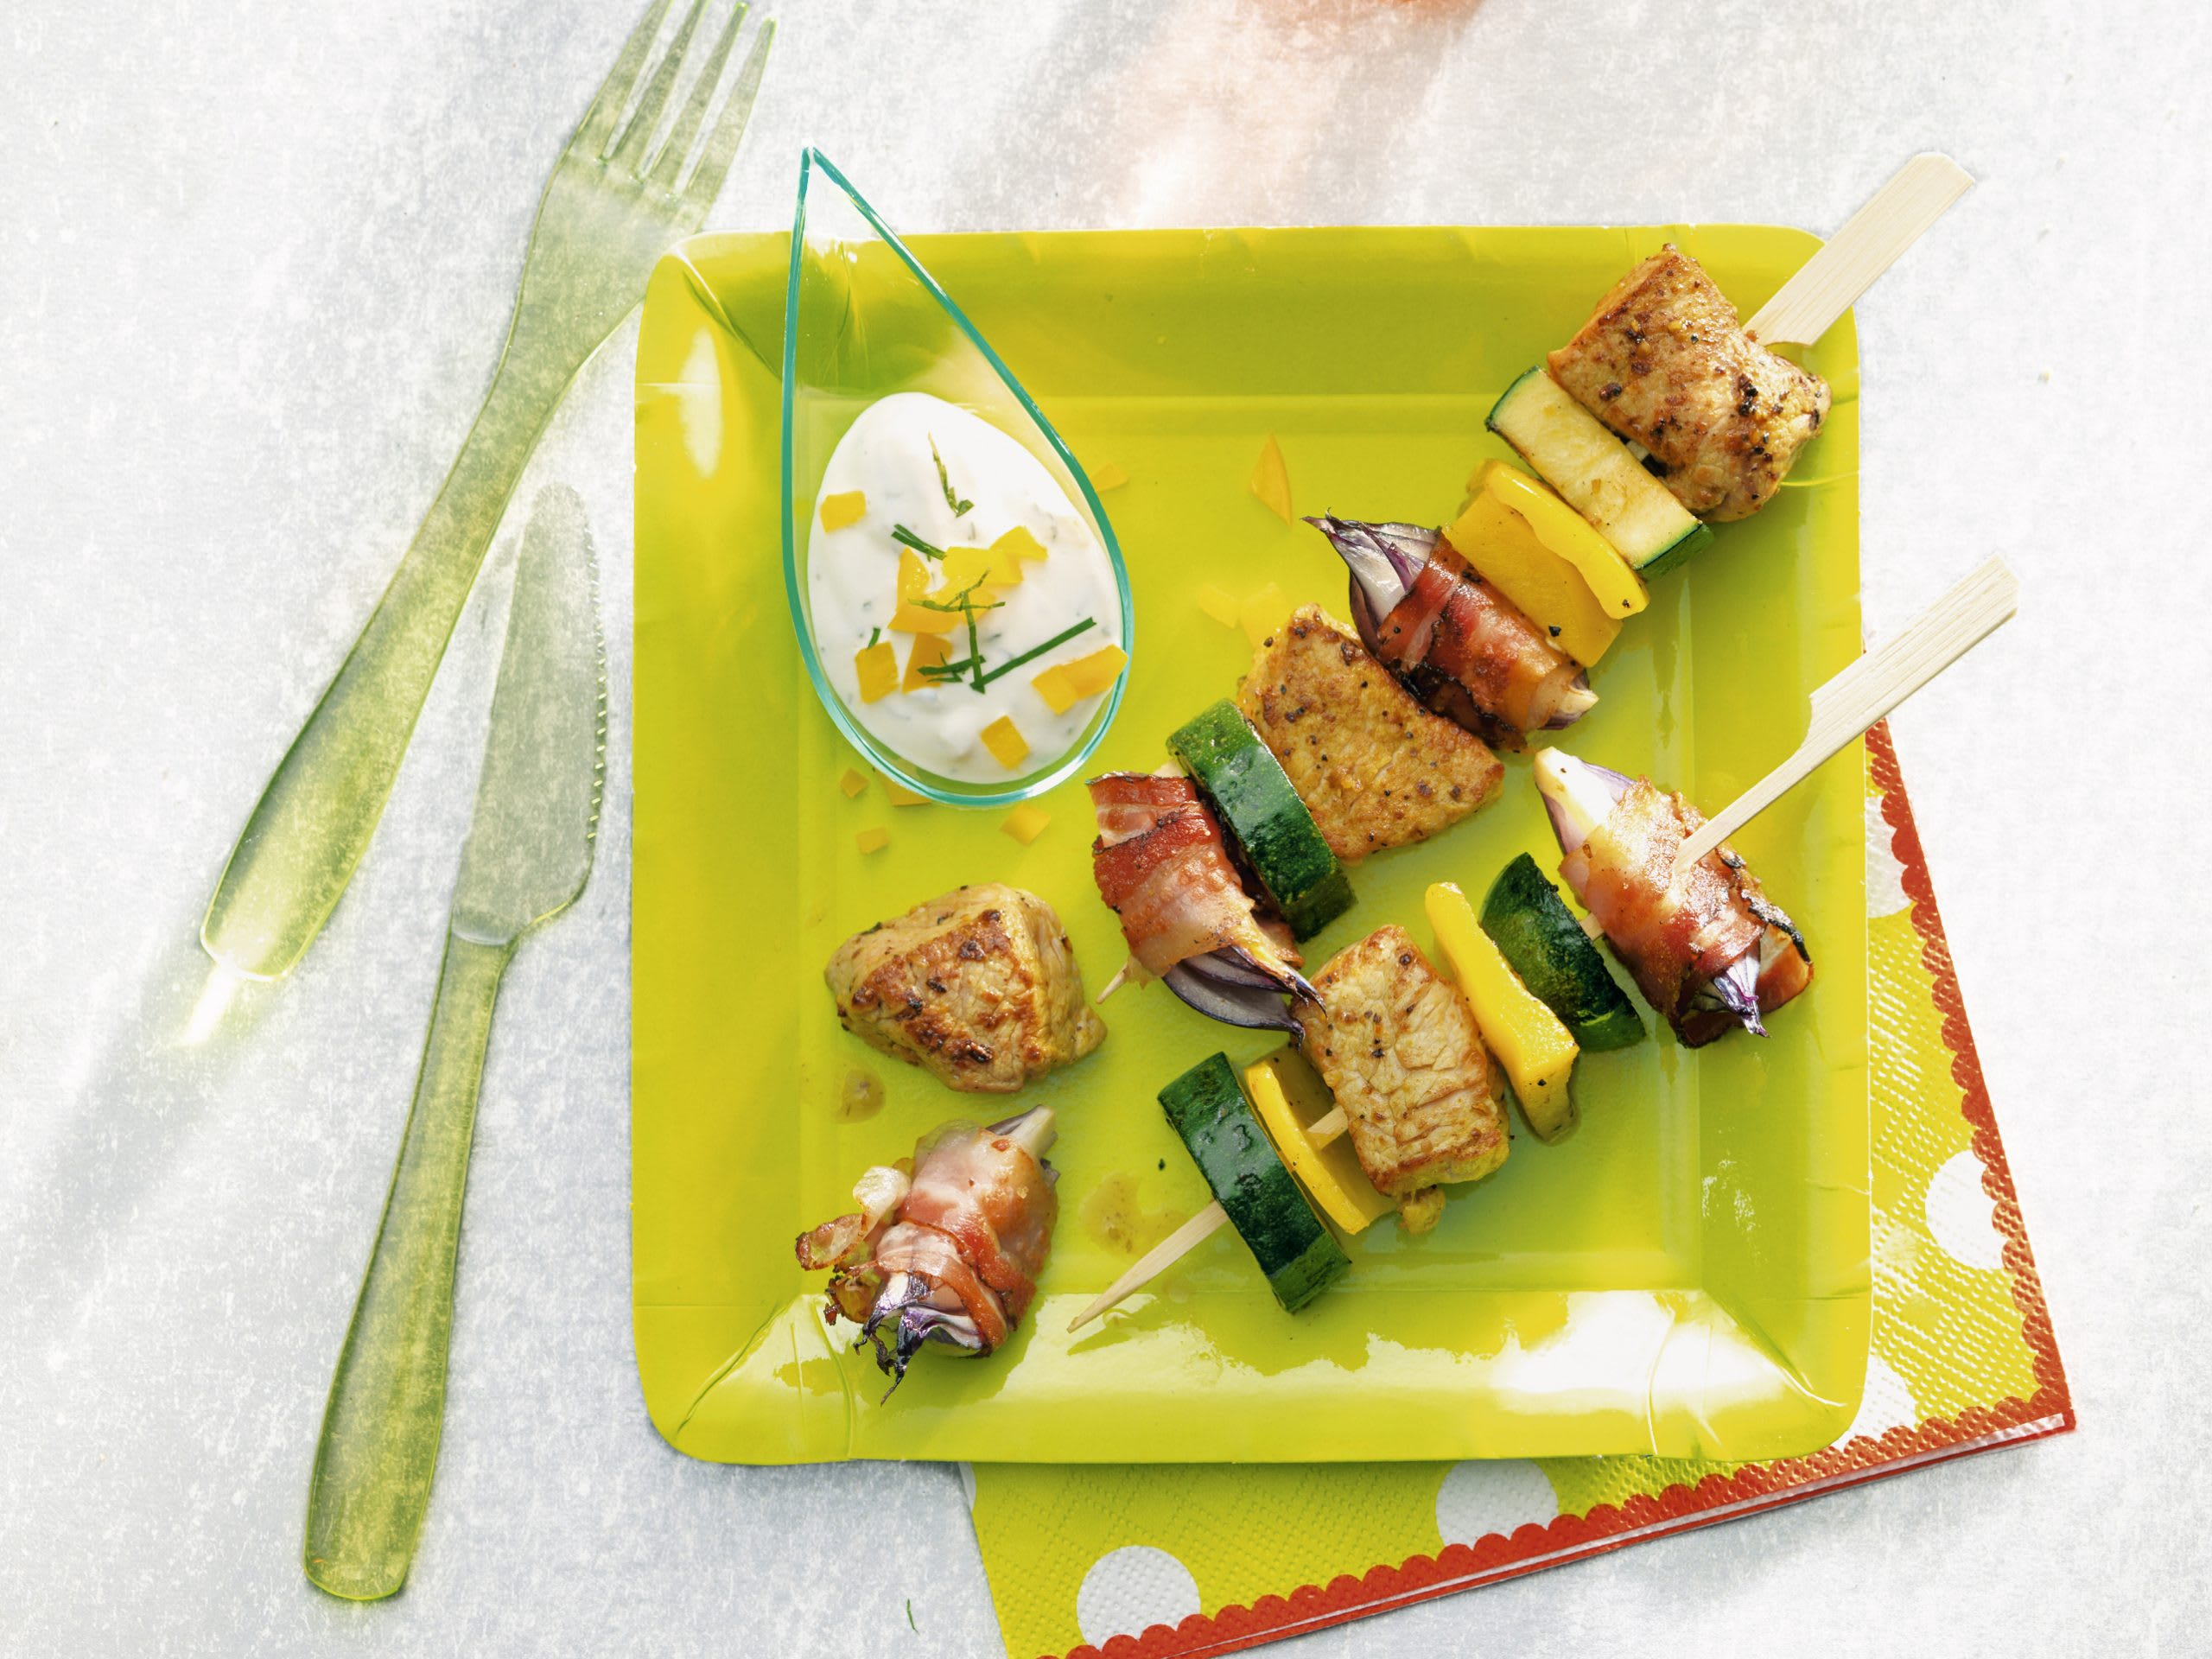 Brochettes de viande et de légumes au barbecue